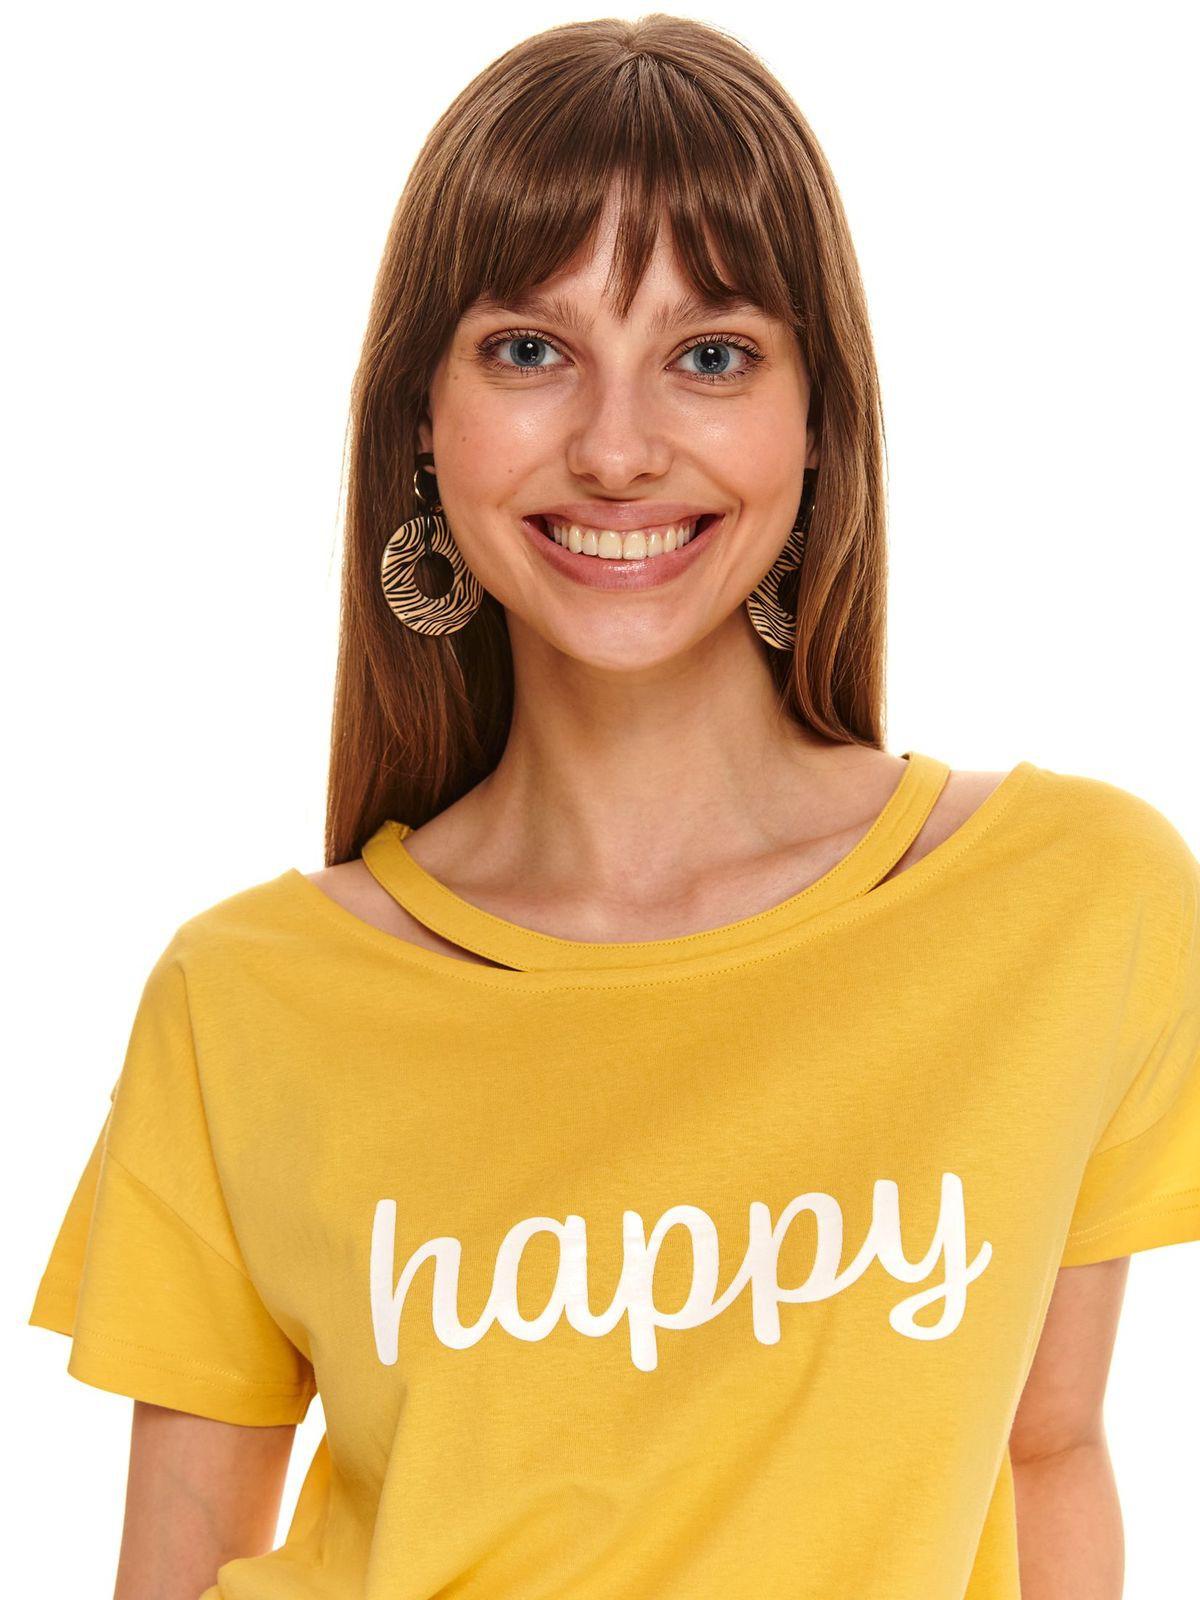 ΚΙΤΡΙΝΟ T-SHIRT ΜΕ LOGO HAPPY - 478796